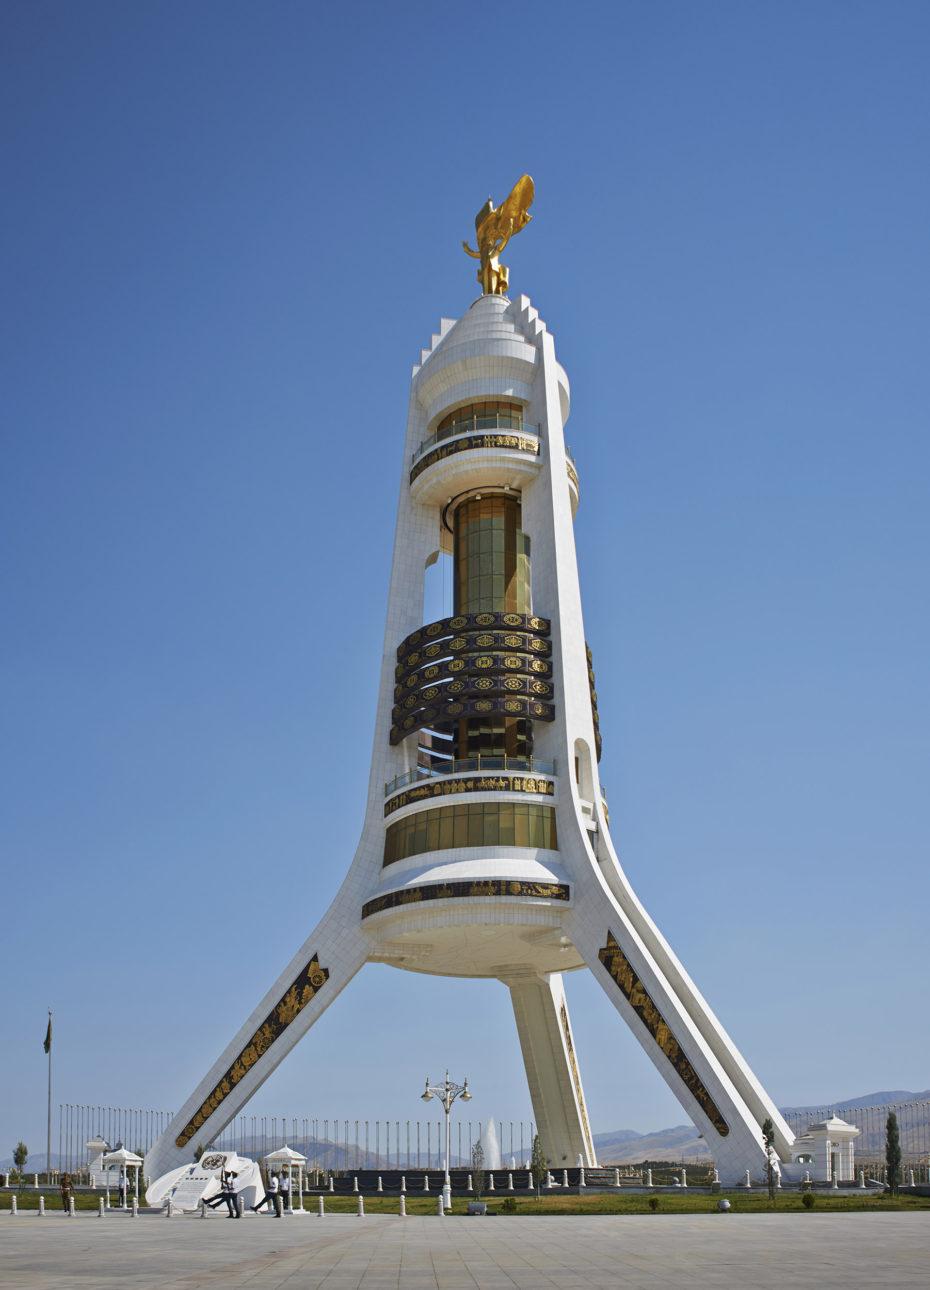 Monumento a la Neutralidad en Asjabad, Turkmenistán